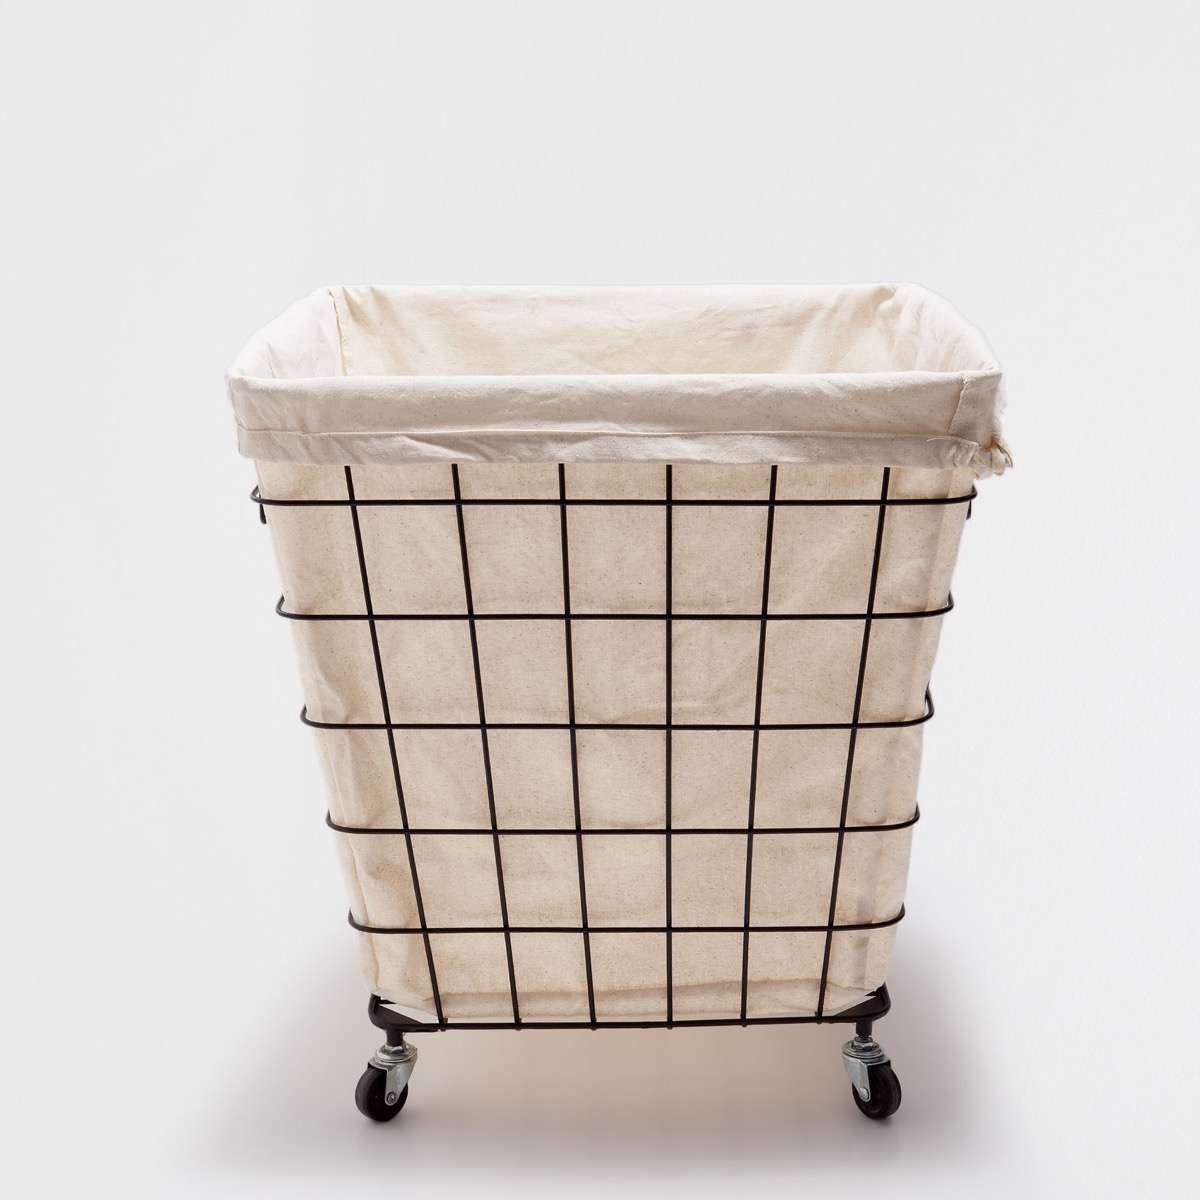 375250dec Cestos de ropa sucia modernos: ¡hora de hacer la colada con buen ...